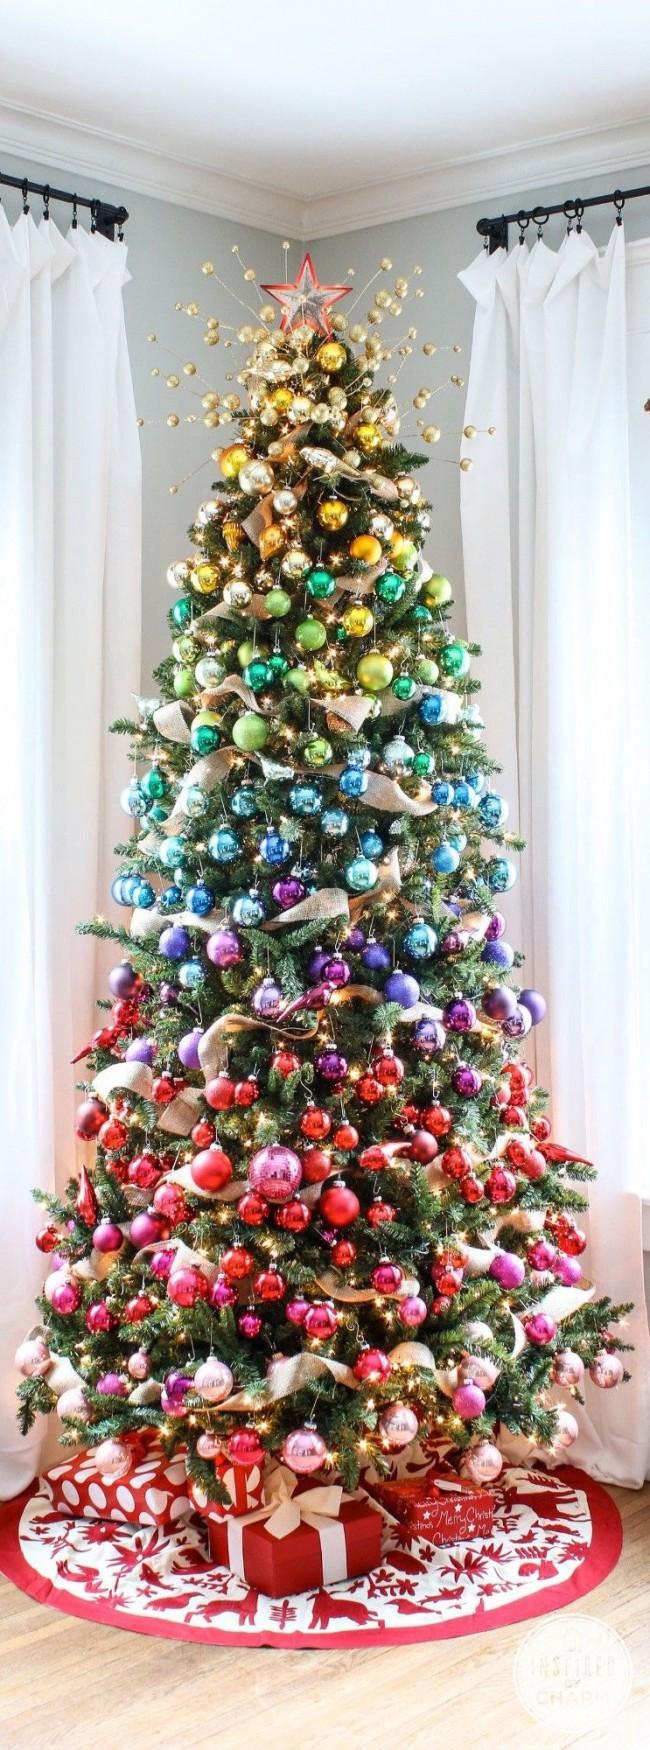 Оригинальная идея оформления шарами - в порядке радужных цветов